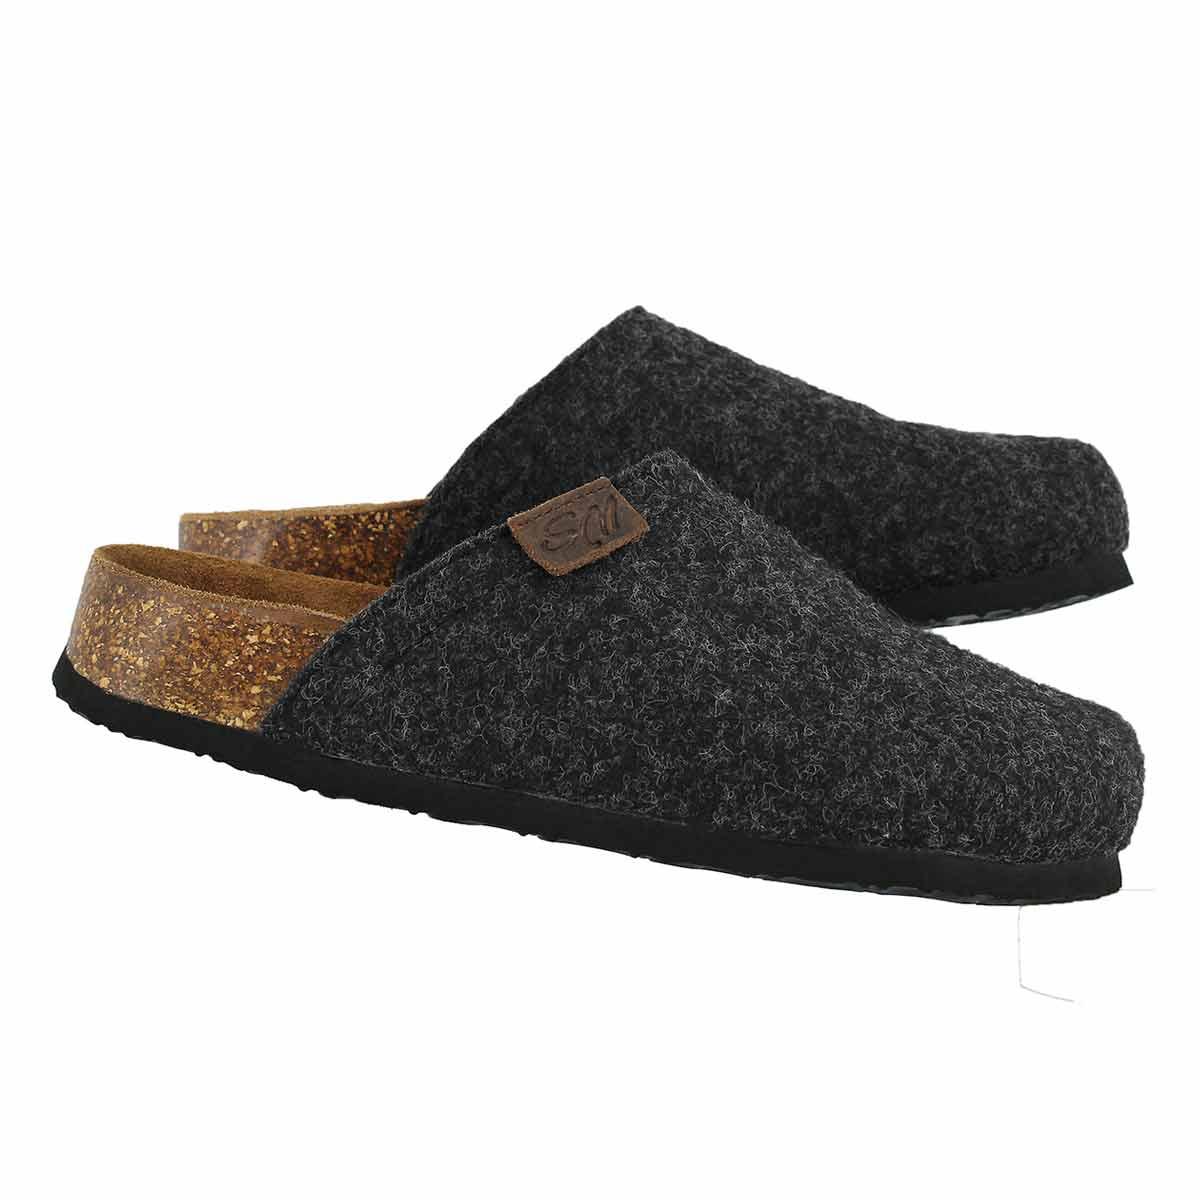 Lds Cloggin grey wool casual clog